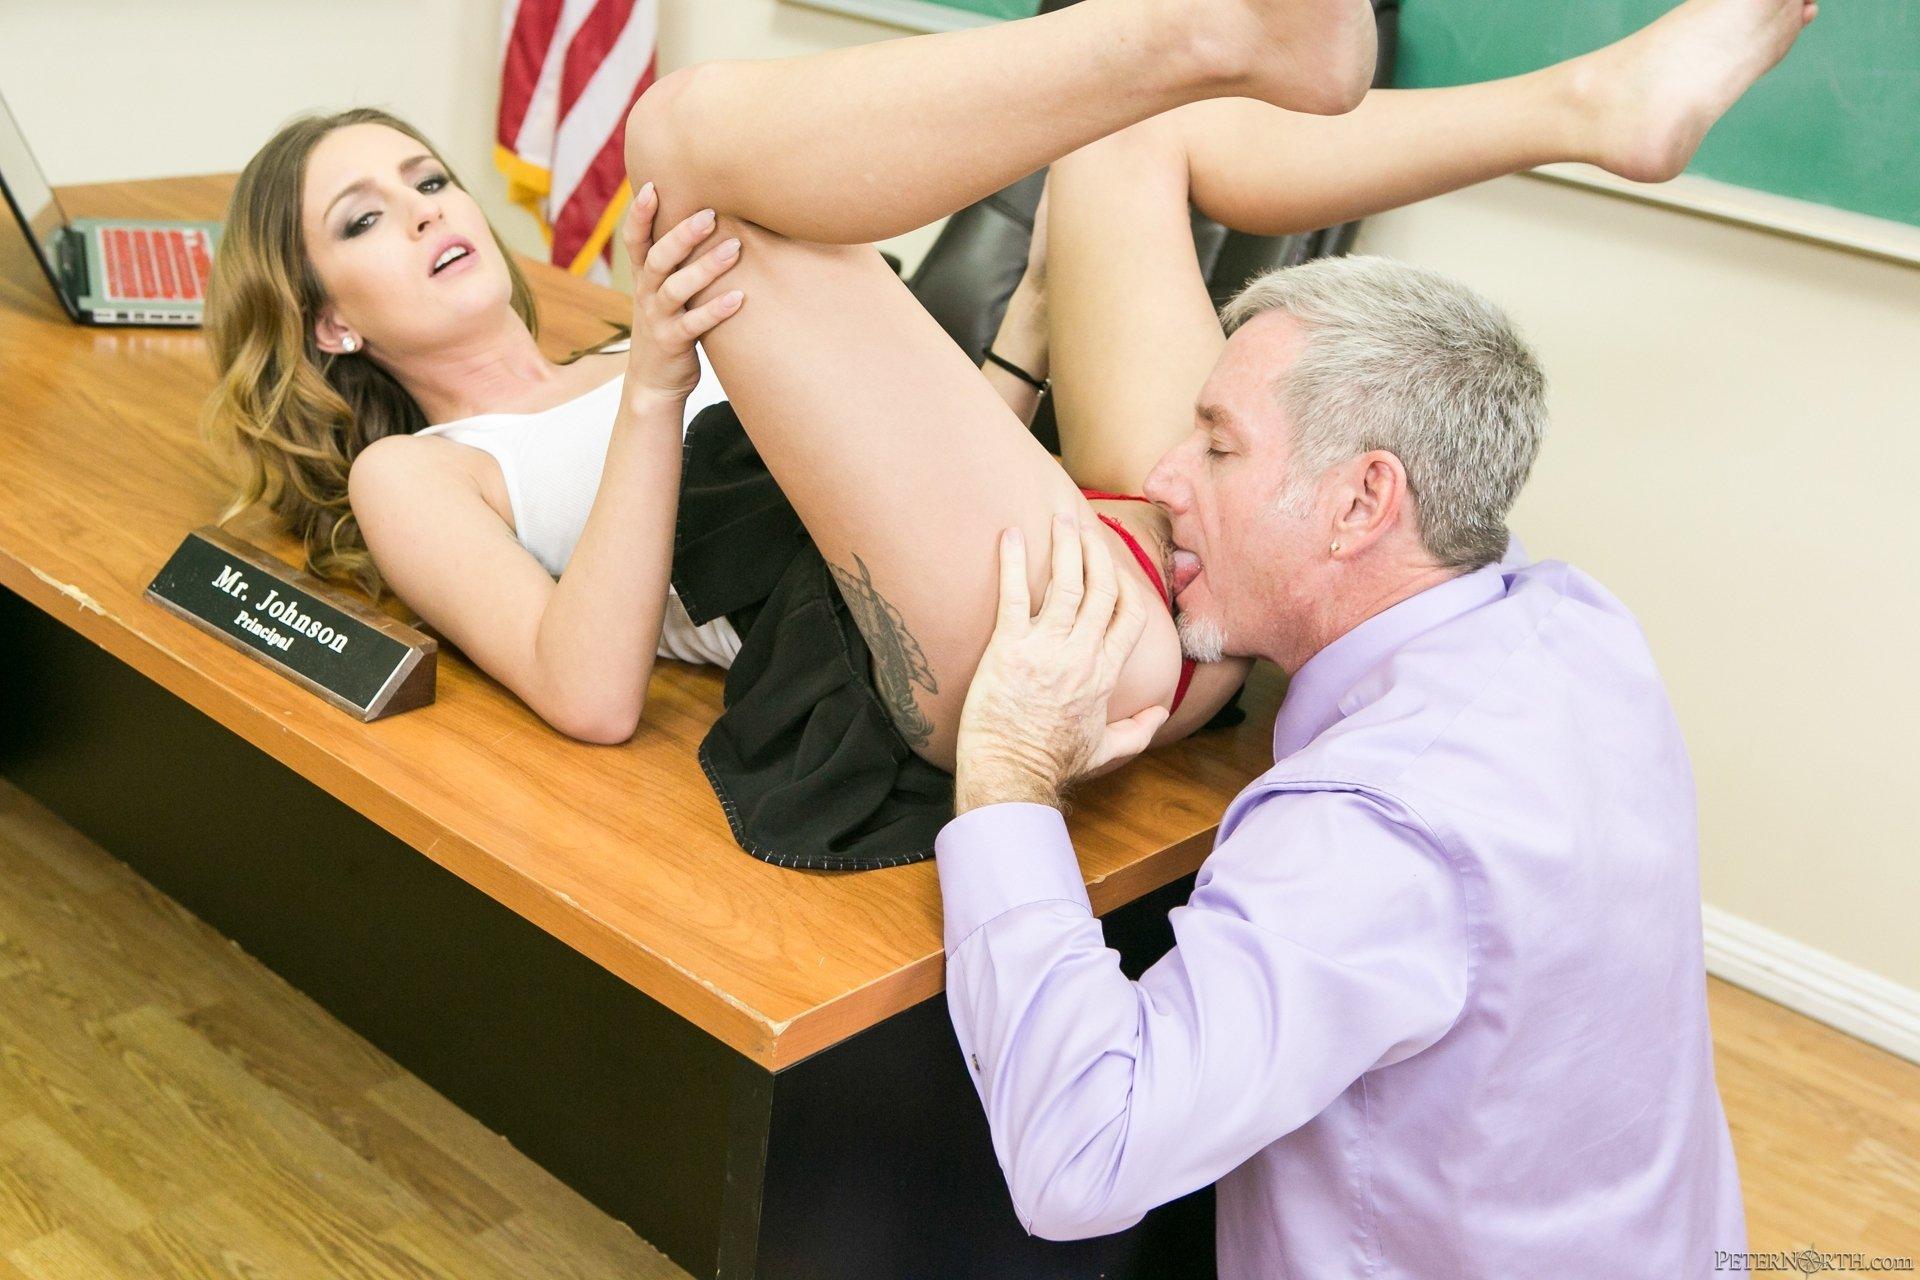 Учитель пристаёт к ученице, Русский учитель пристает к своей студентке у доски 11 фотография